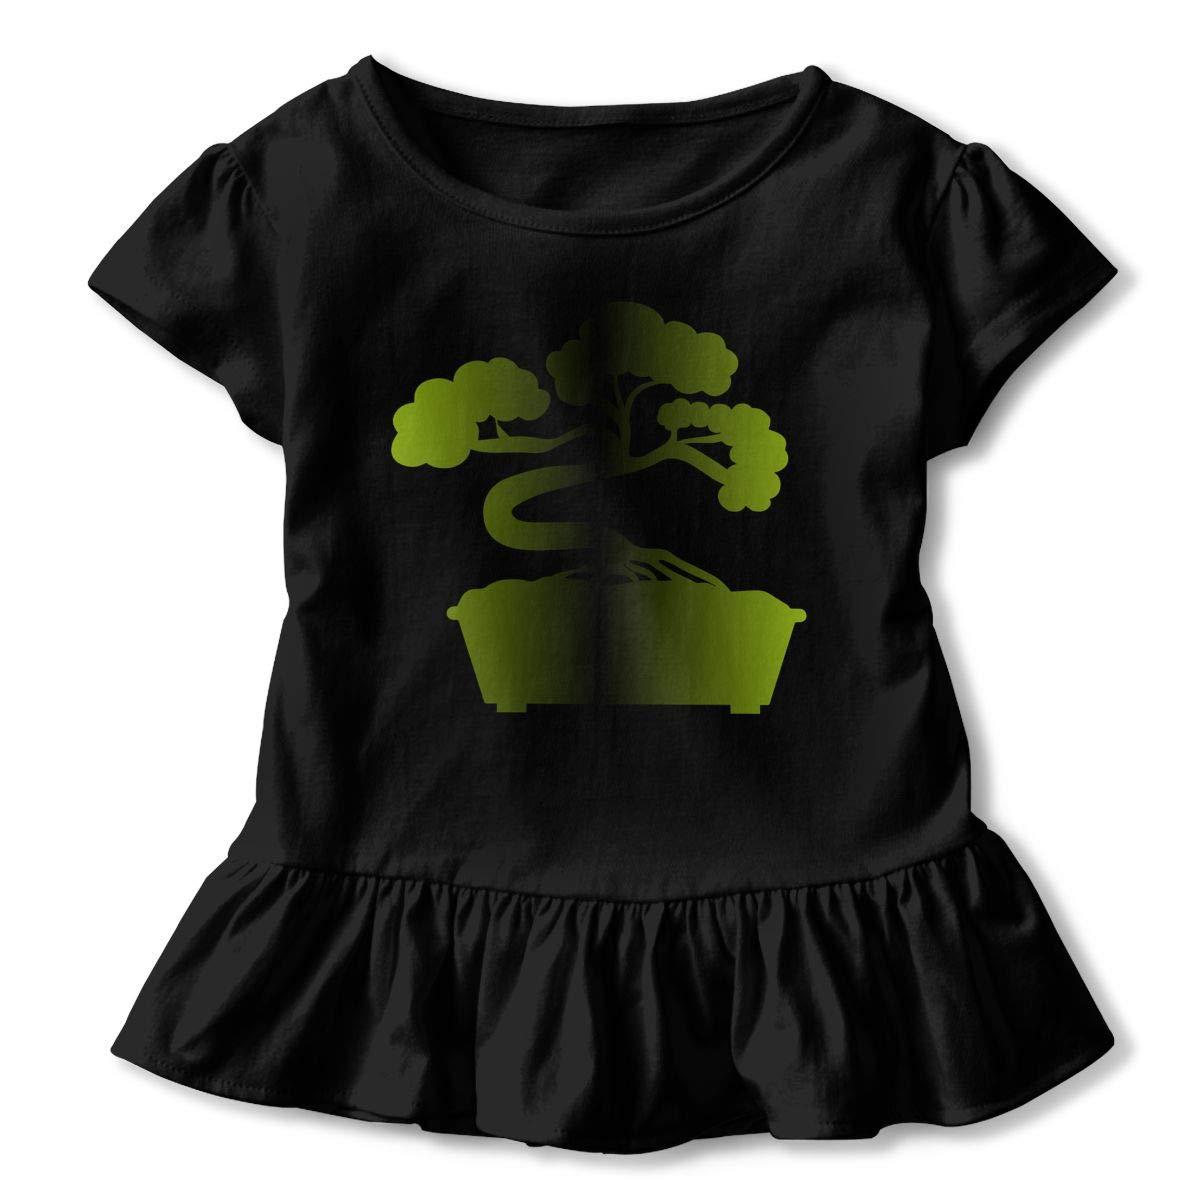 SHIRT1-KIDS Bonsai Japanese T-Shirts Childrens Girls Short Sleeve Ruffles Shirt Tee Jersey for 2-6T